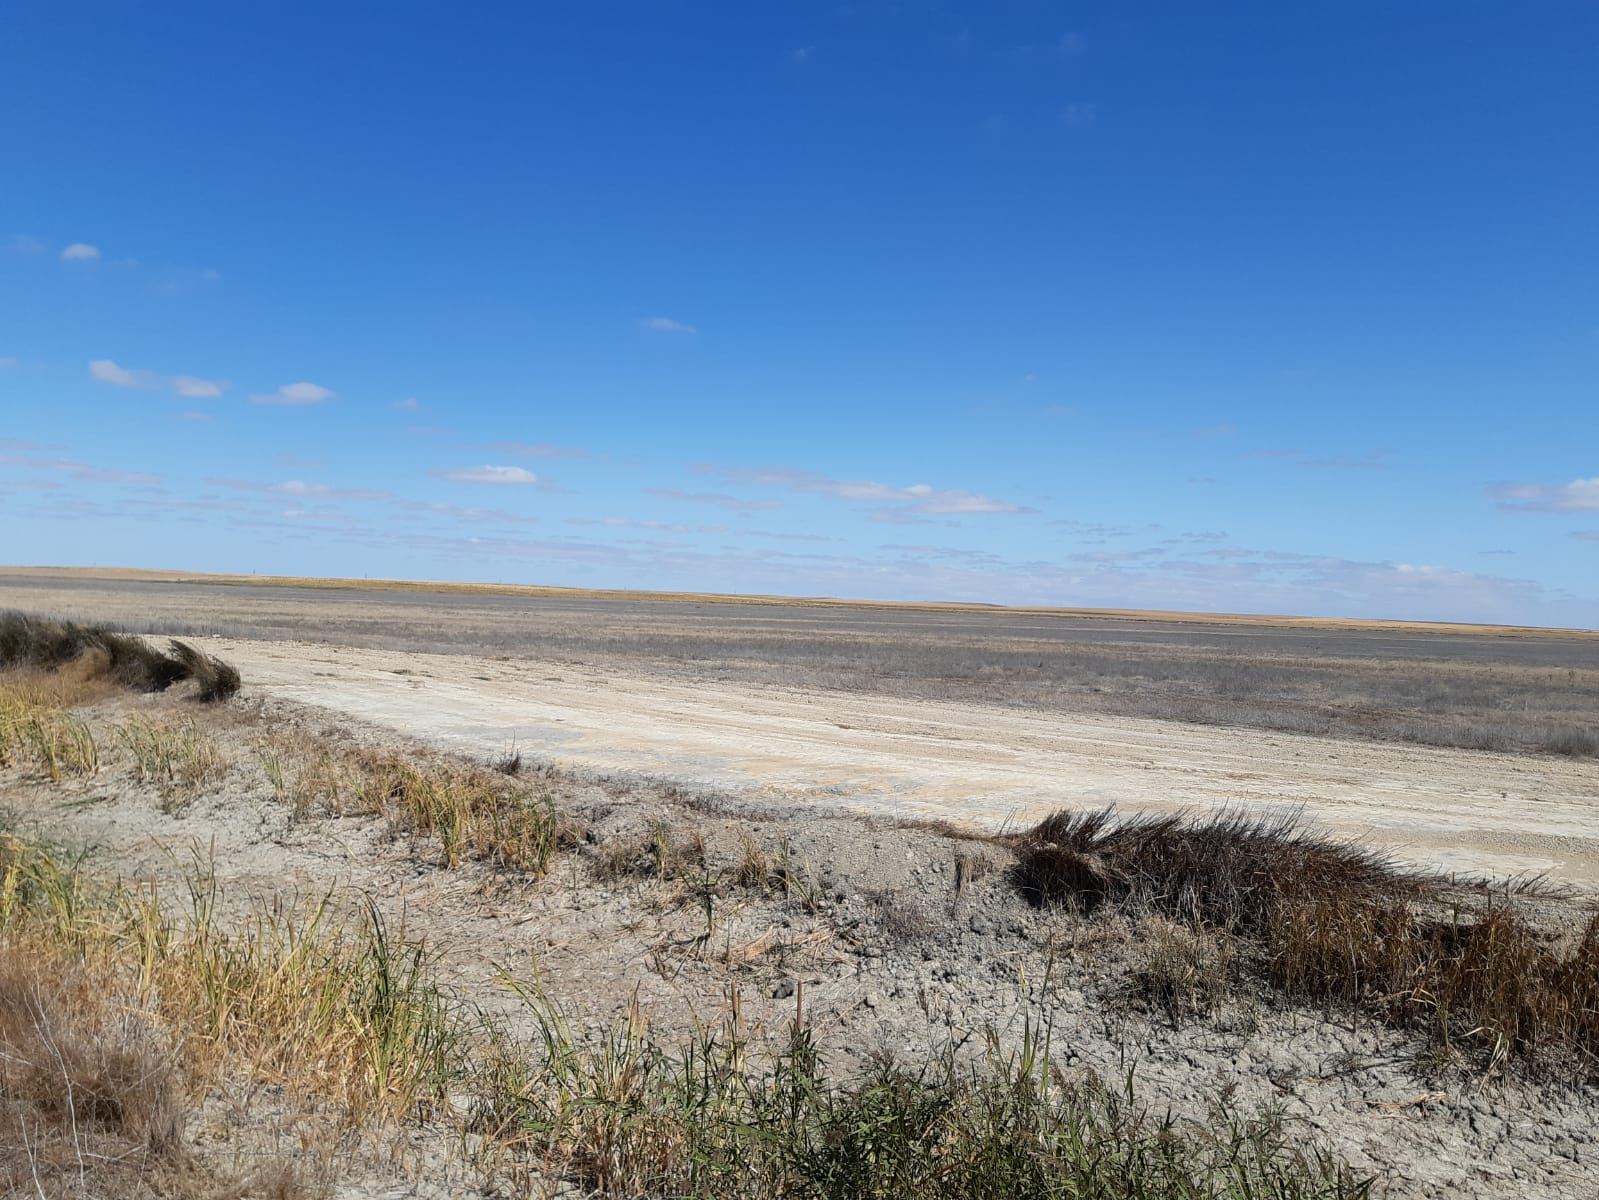 Rebaje puntual en uno de los tramos del canal de drenaje de la laguna de Pedraza